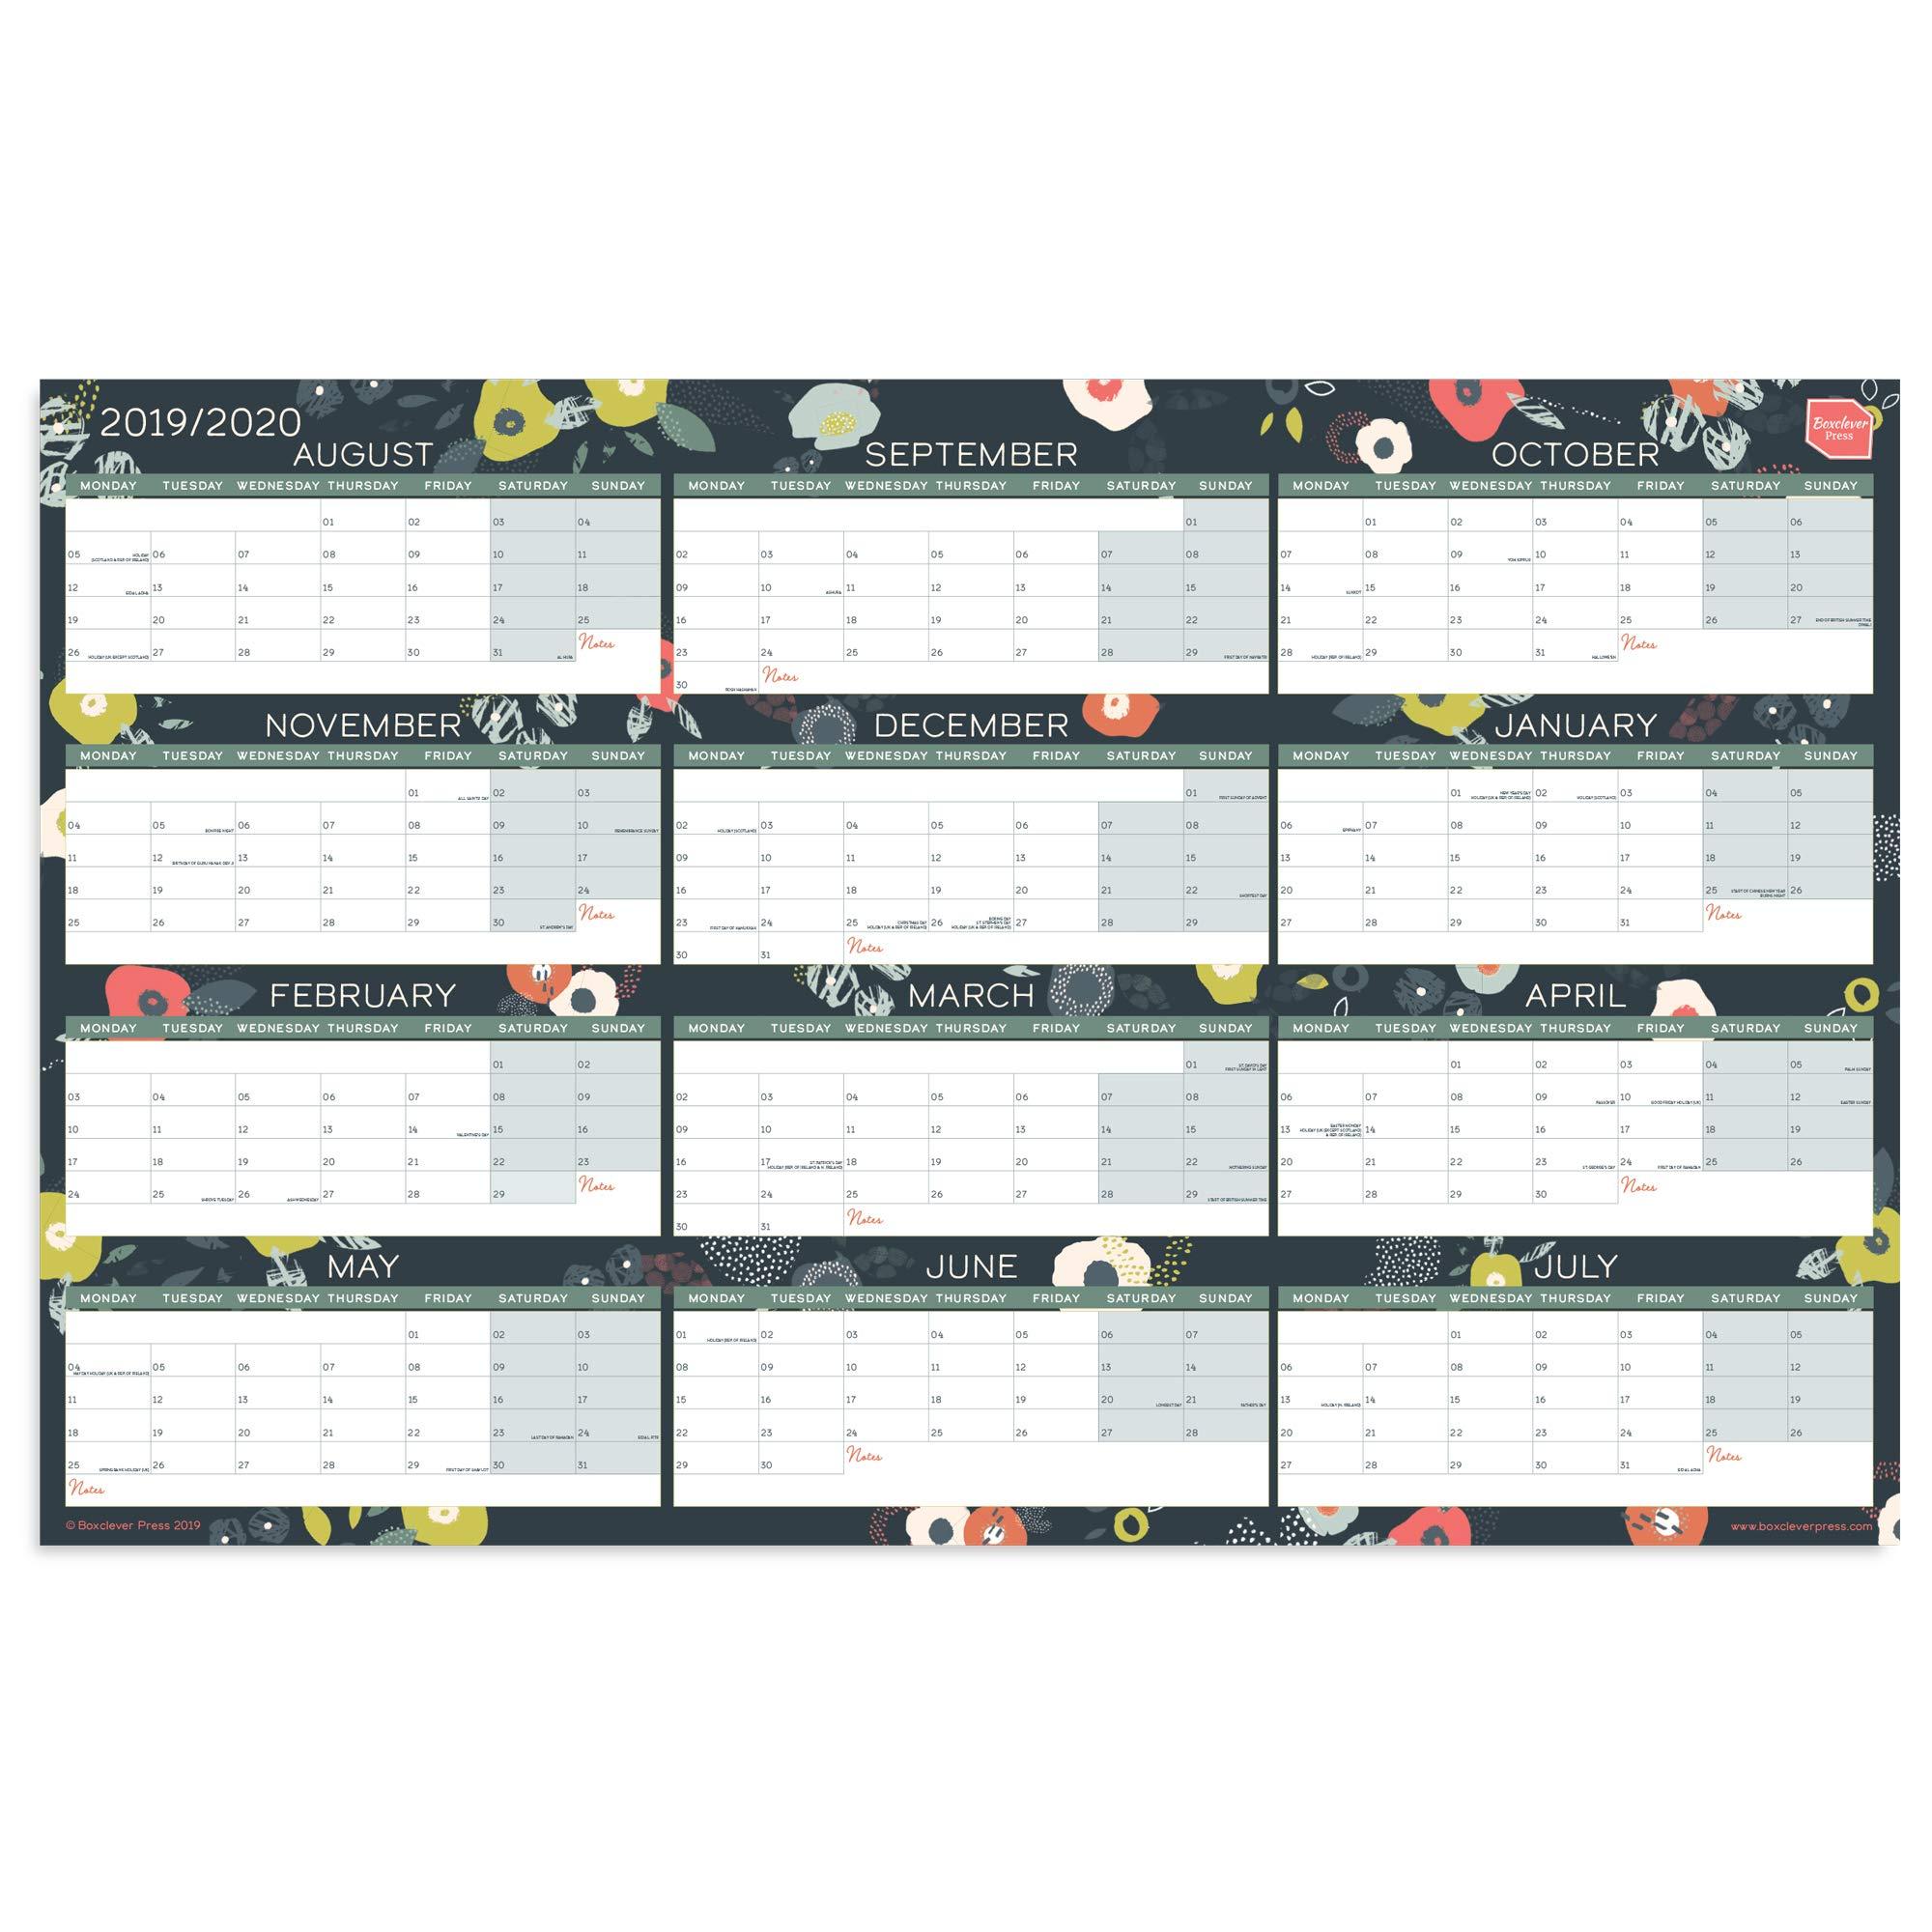 Calendario Di Agosto 2020.Calendario 2019 Da Muro Di Boxclever Press Planner Da Parete Perfetto Per Qualsiasi Casa Scuola O Ufficio Planner 2019 2020 Con Formato Blocco